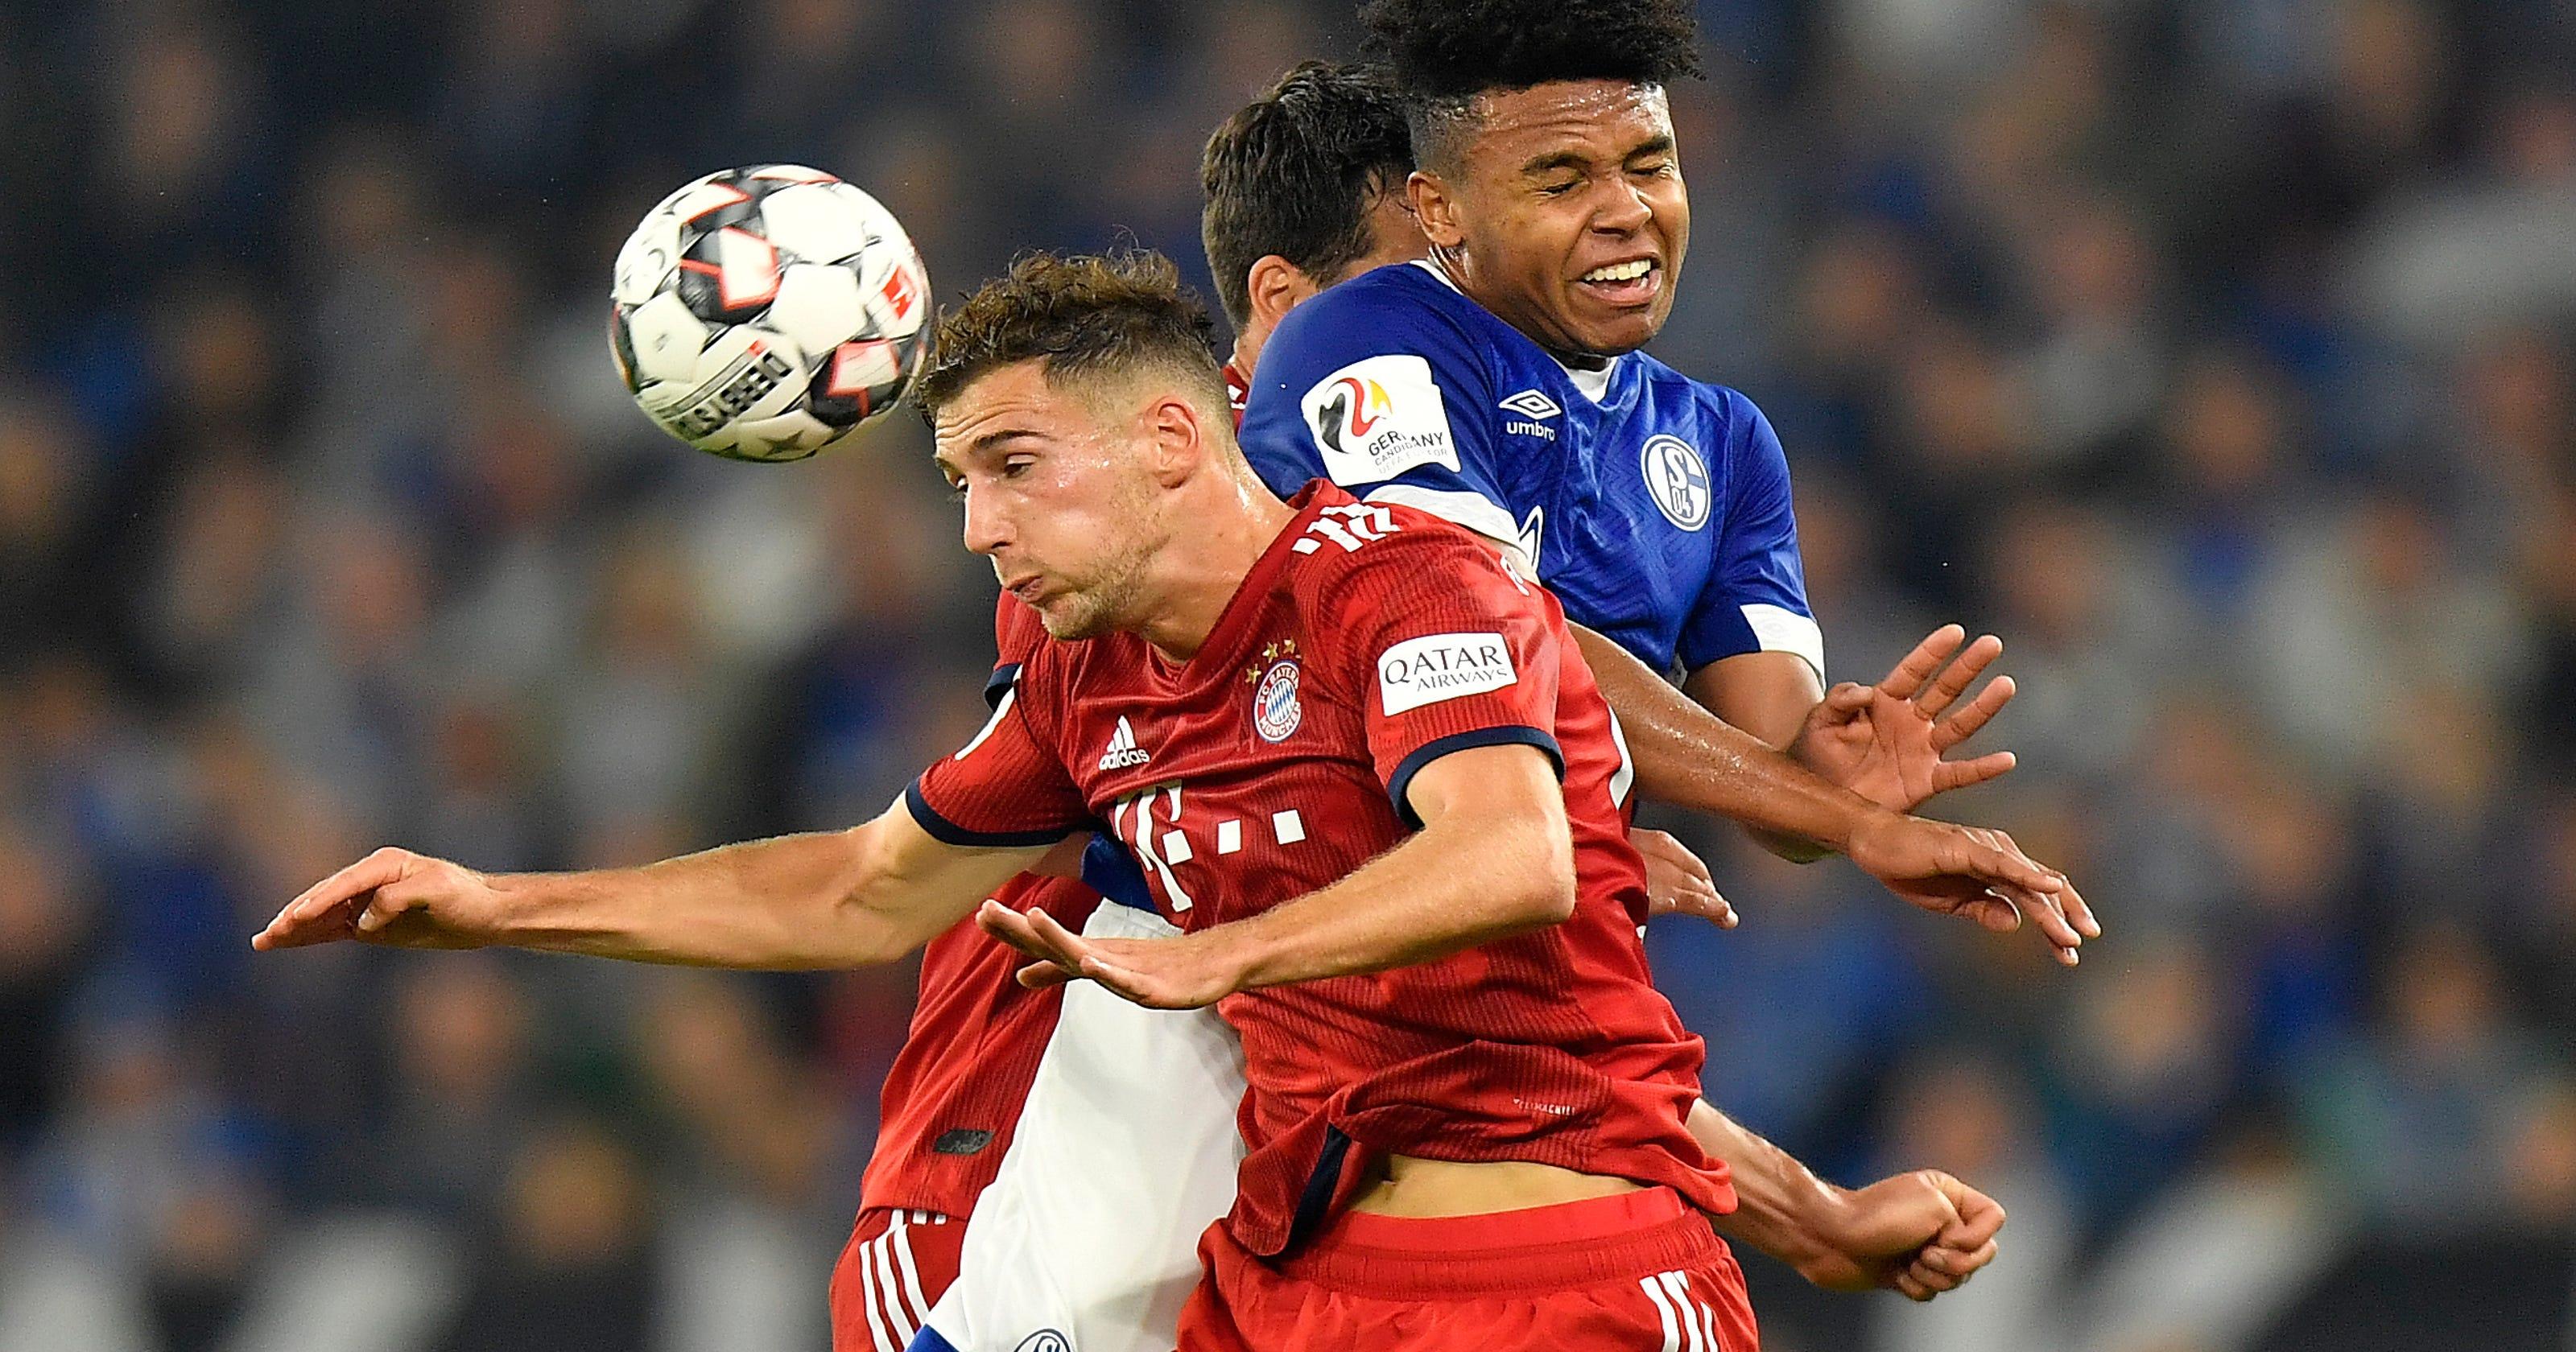 c43c2c41852 Schalke midfielder Weston McKennie injured against Bayern